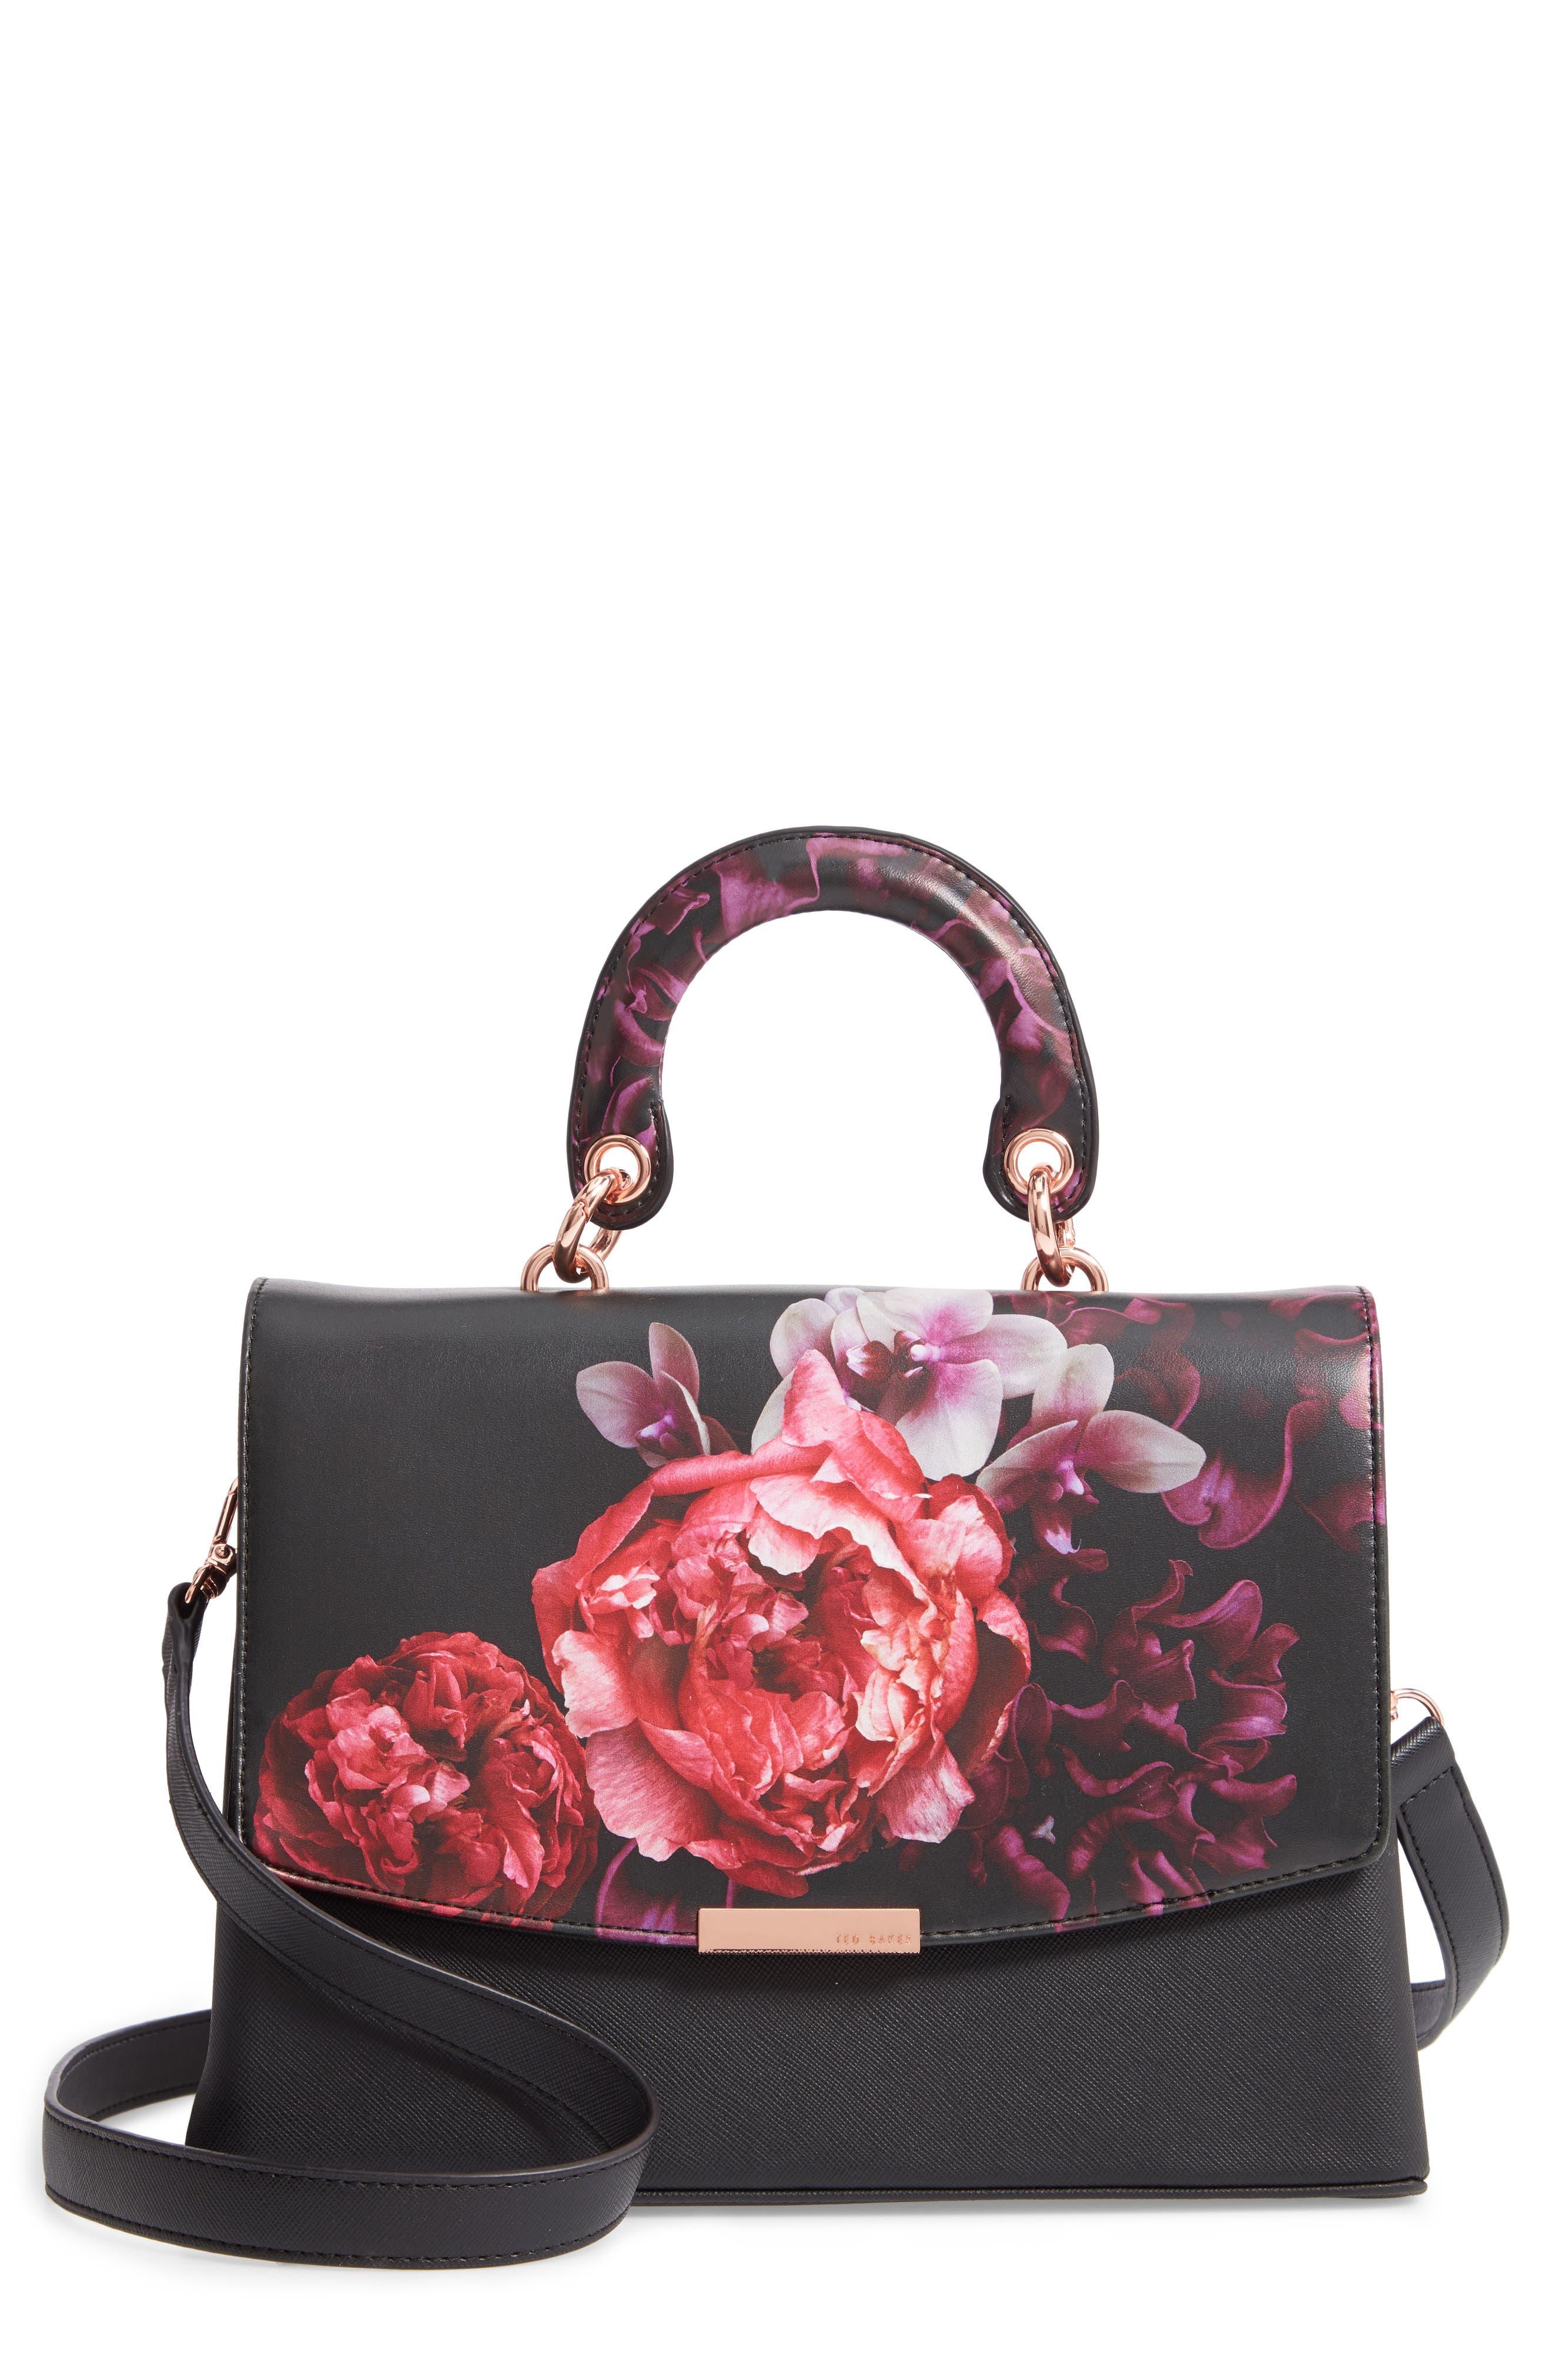 Splendour Lady Bag Faux Leather Top Handle Satchel,                         Main,                         color, BLACK